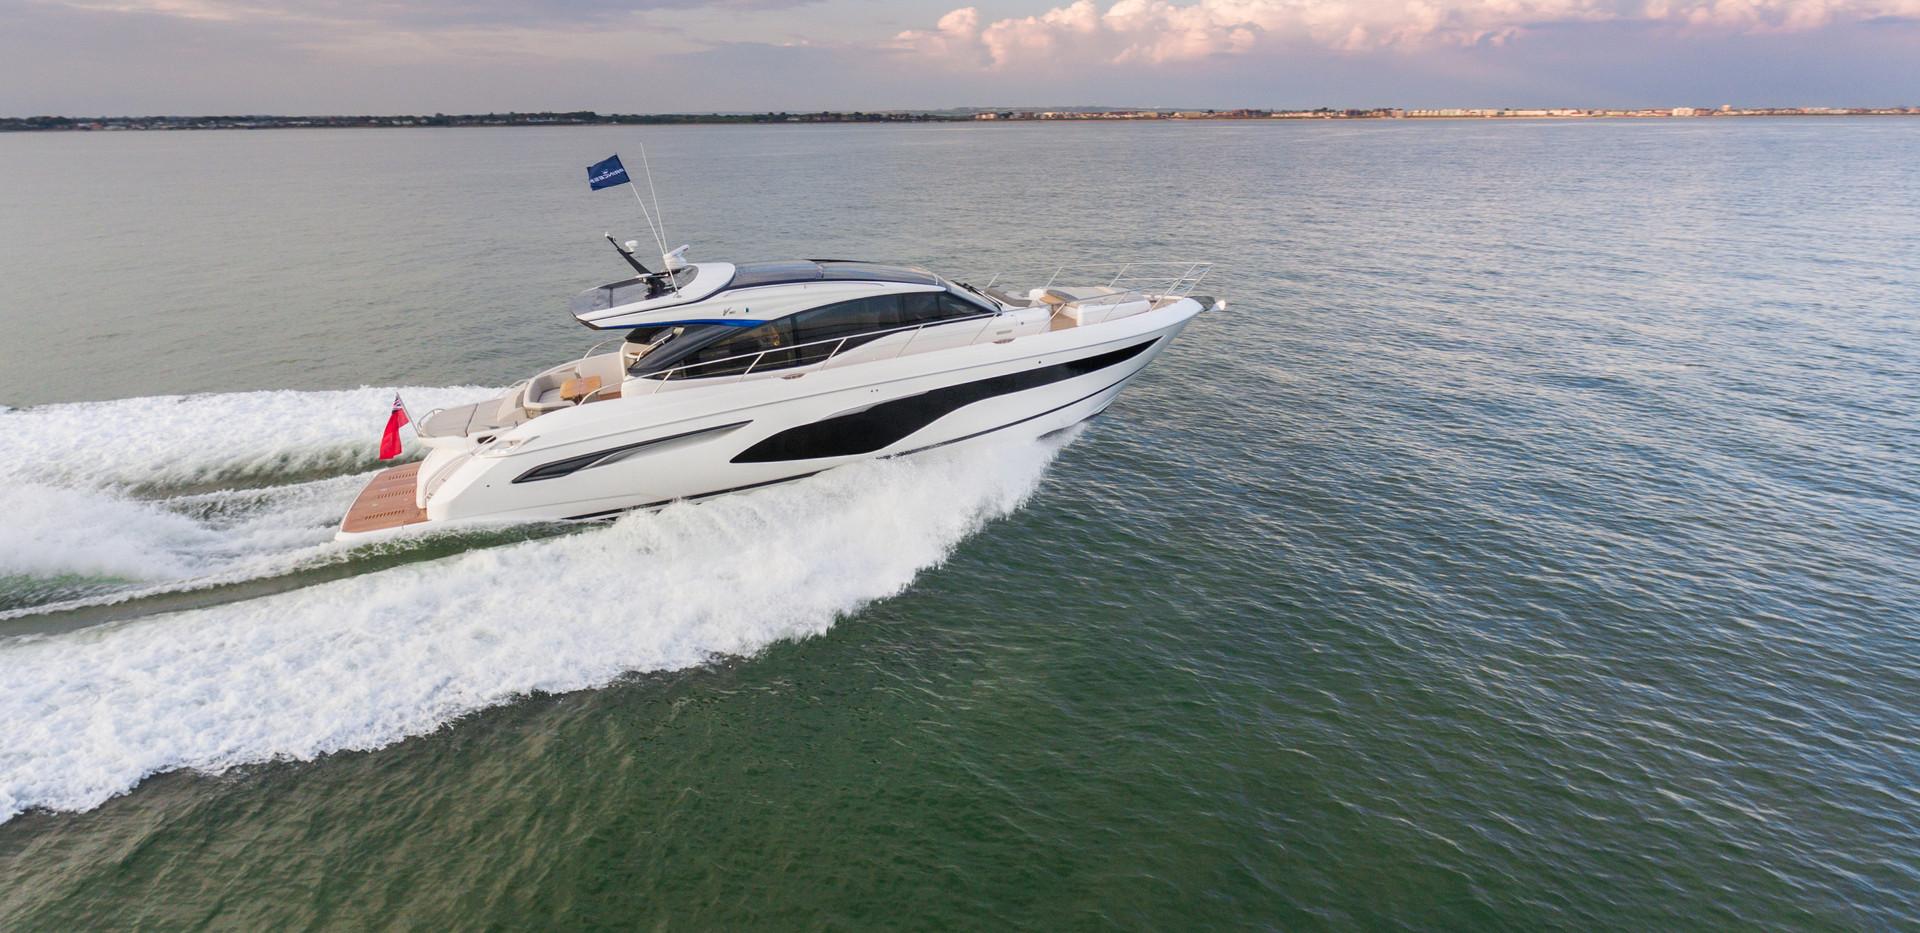 v60-exterior-white-hull-4Abromowitz Shar